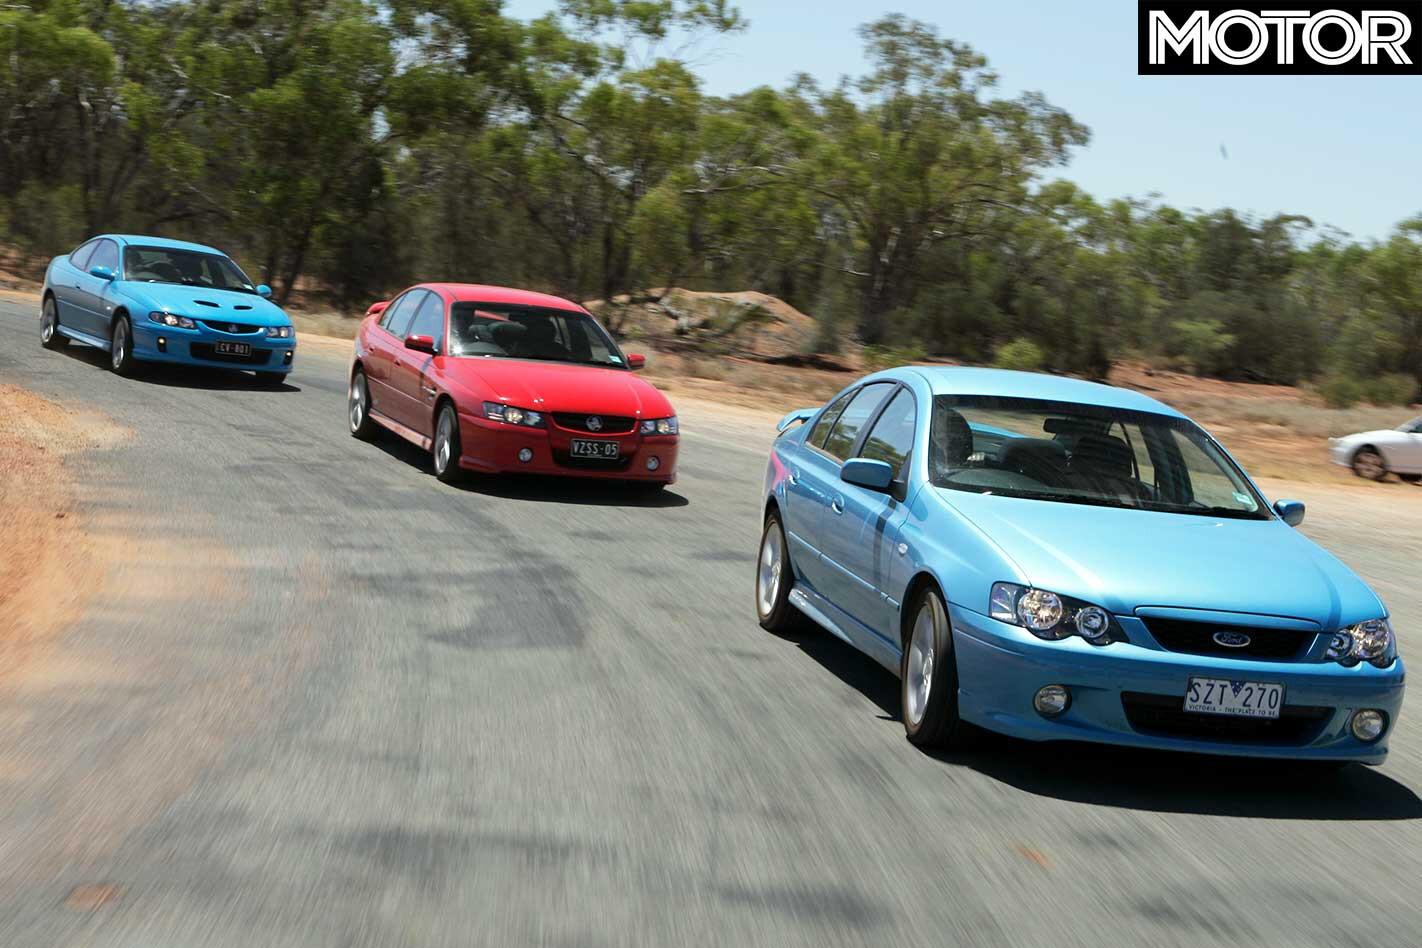 All Aussie Showdown 2005 Holden Commodore SS Vs Monaro CV 8 Vs Commodore SV 8 Vs Ford Falcon XR 6 Turbo Track Comparison Jpg